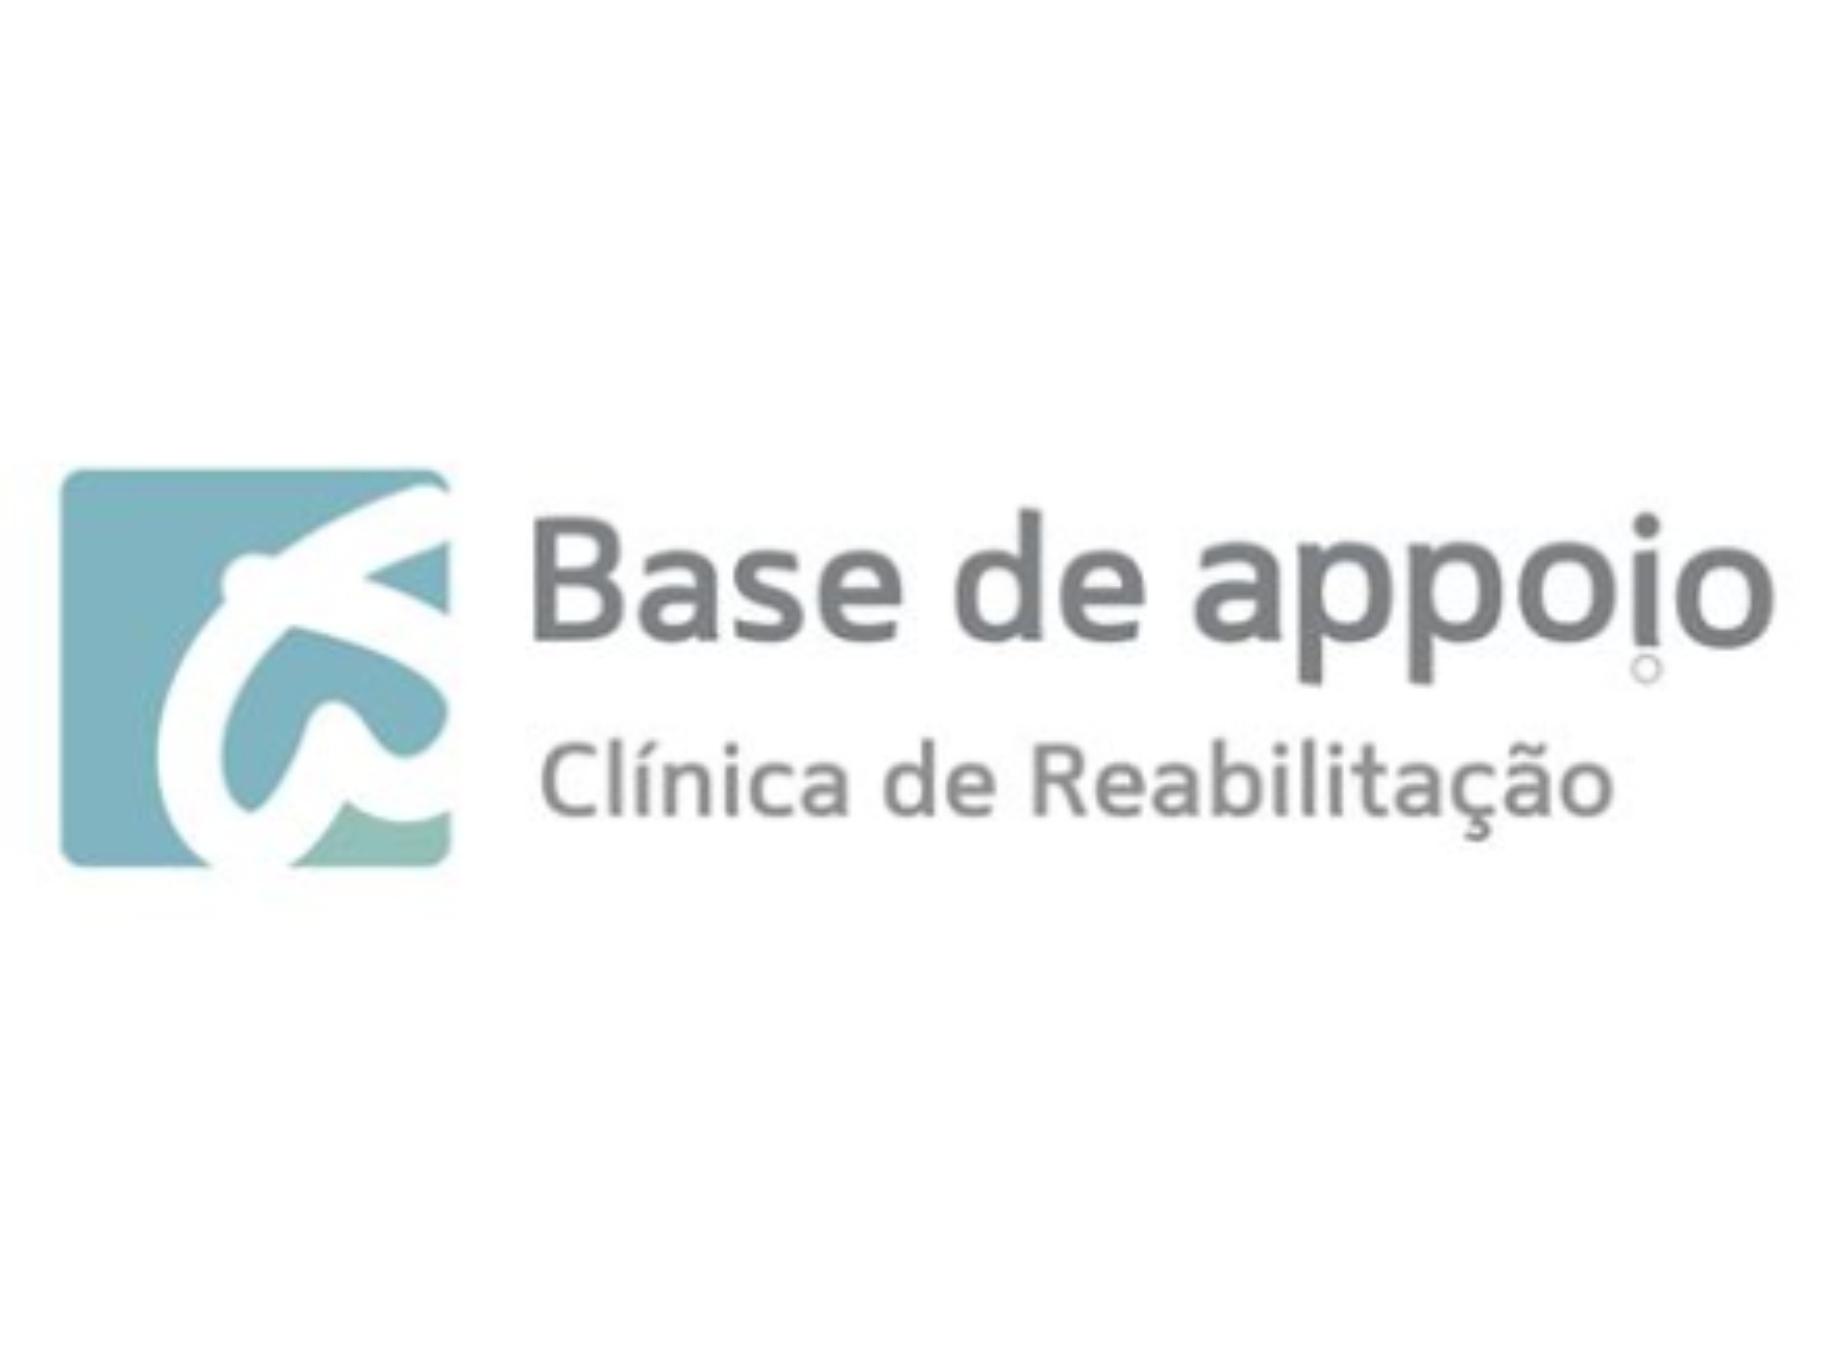 BASE DE APPOIO CLÍNICA DE REABILITAÇÃO | Liberacao-Miofascial